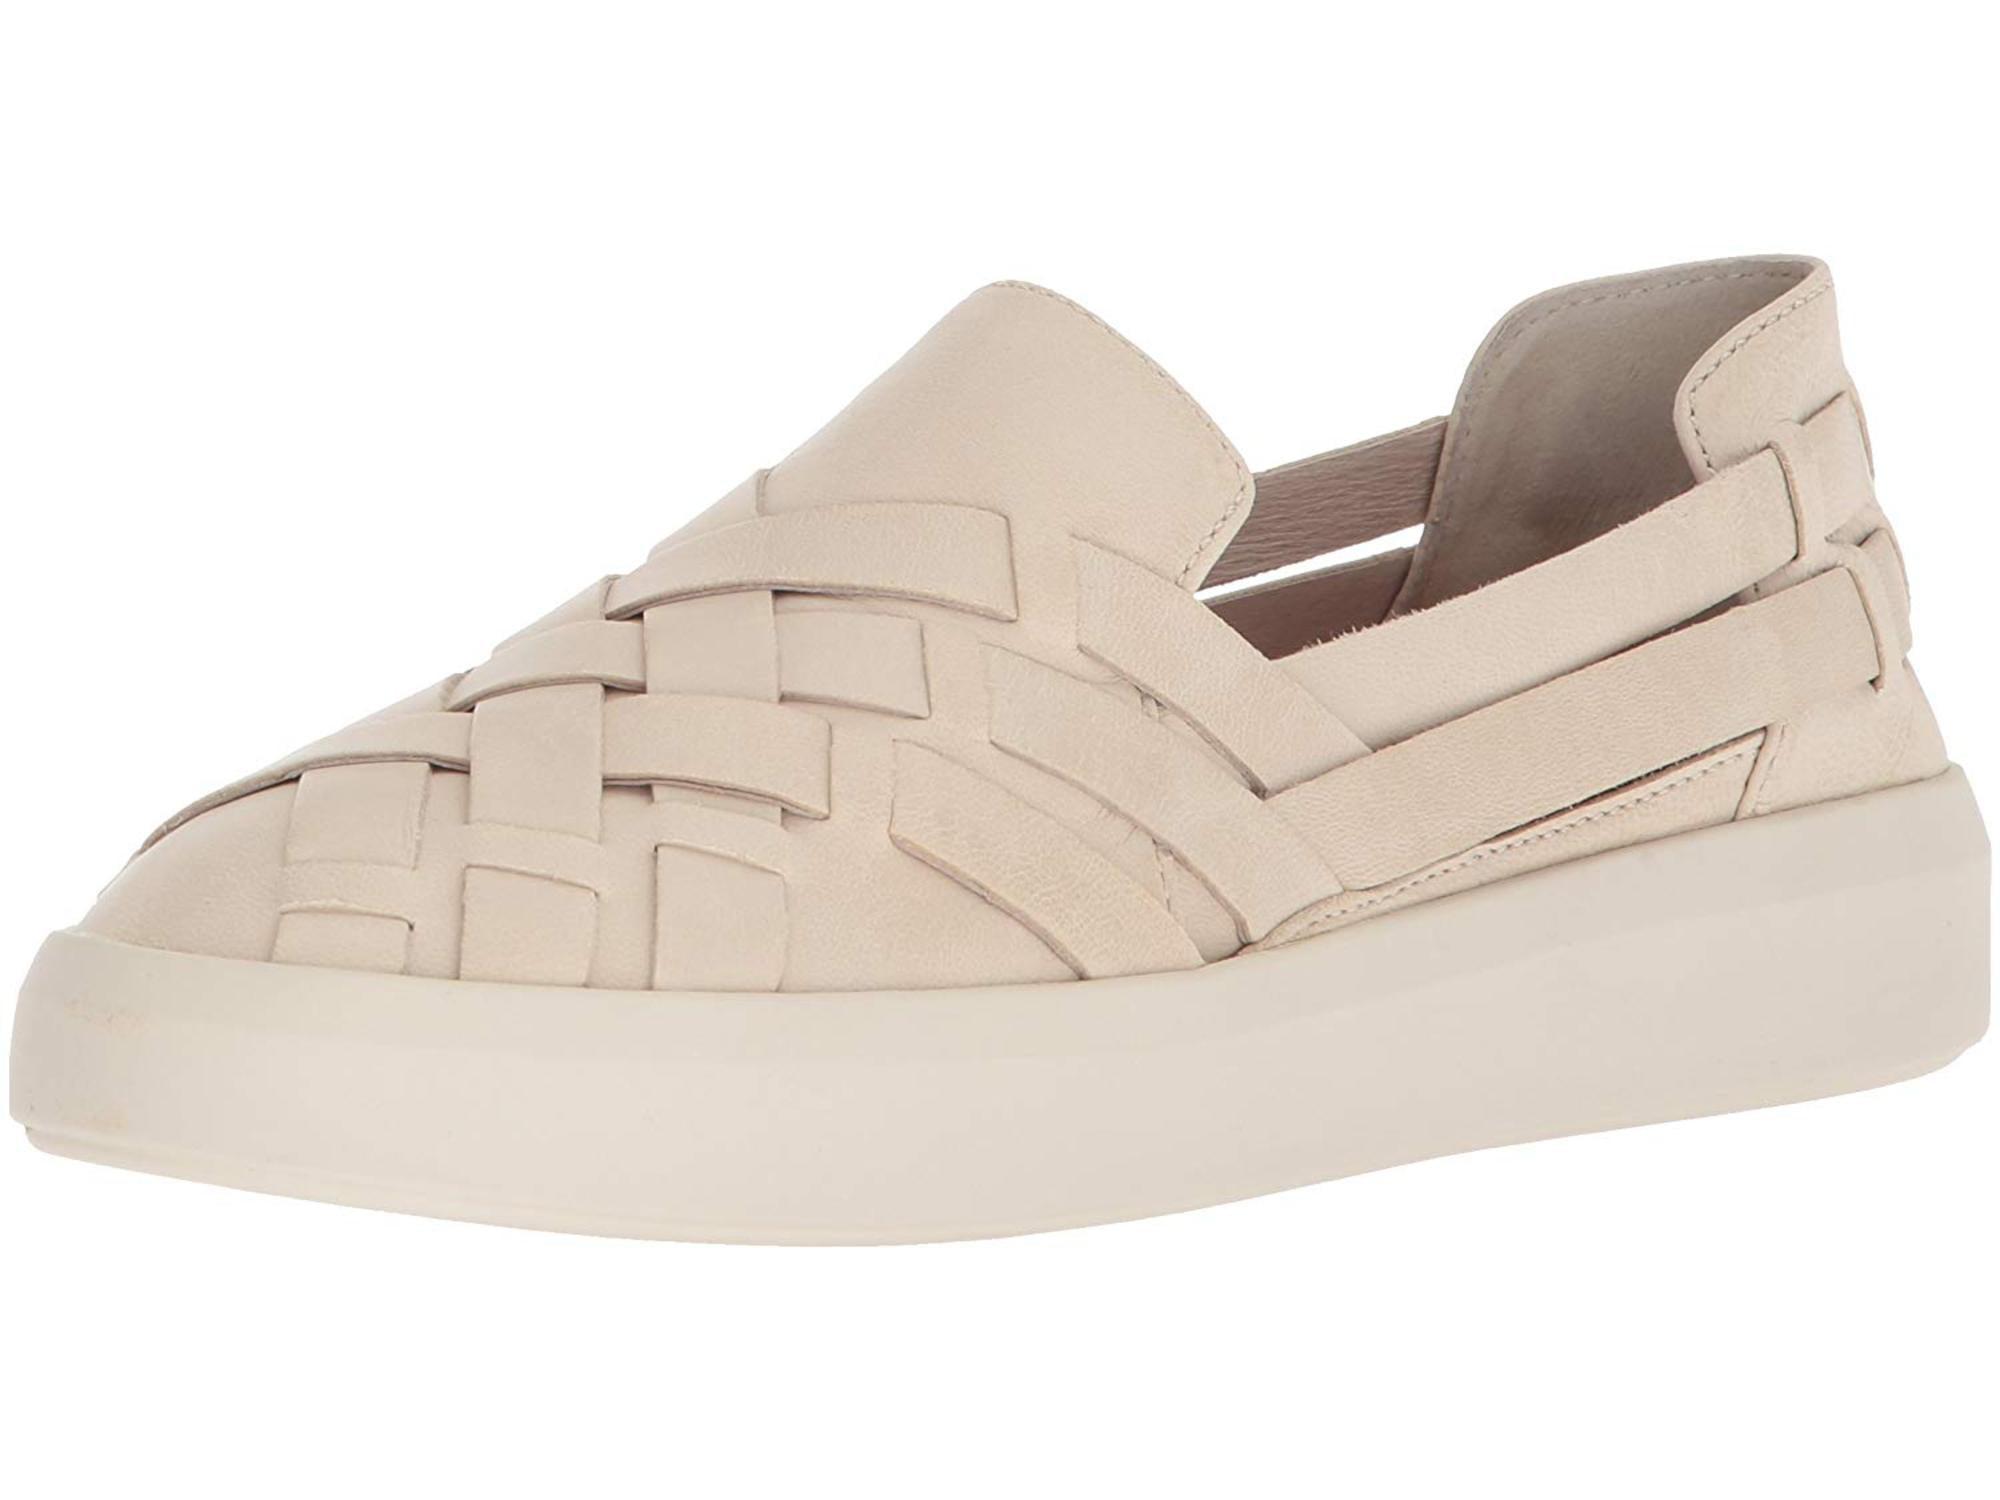 Brea Huarache Slip On Sneaker - Walmart